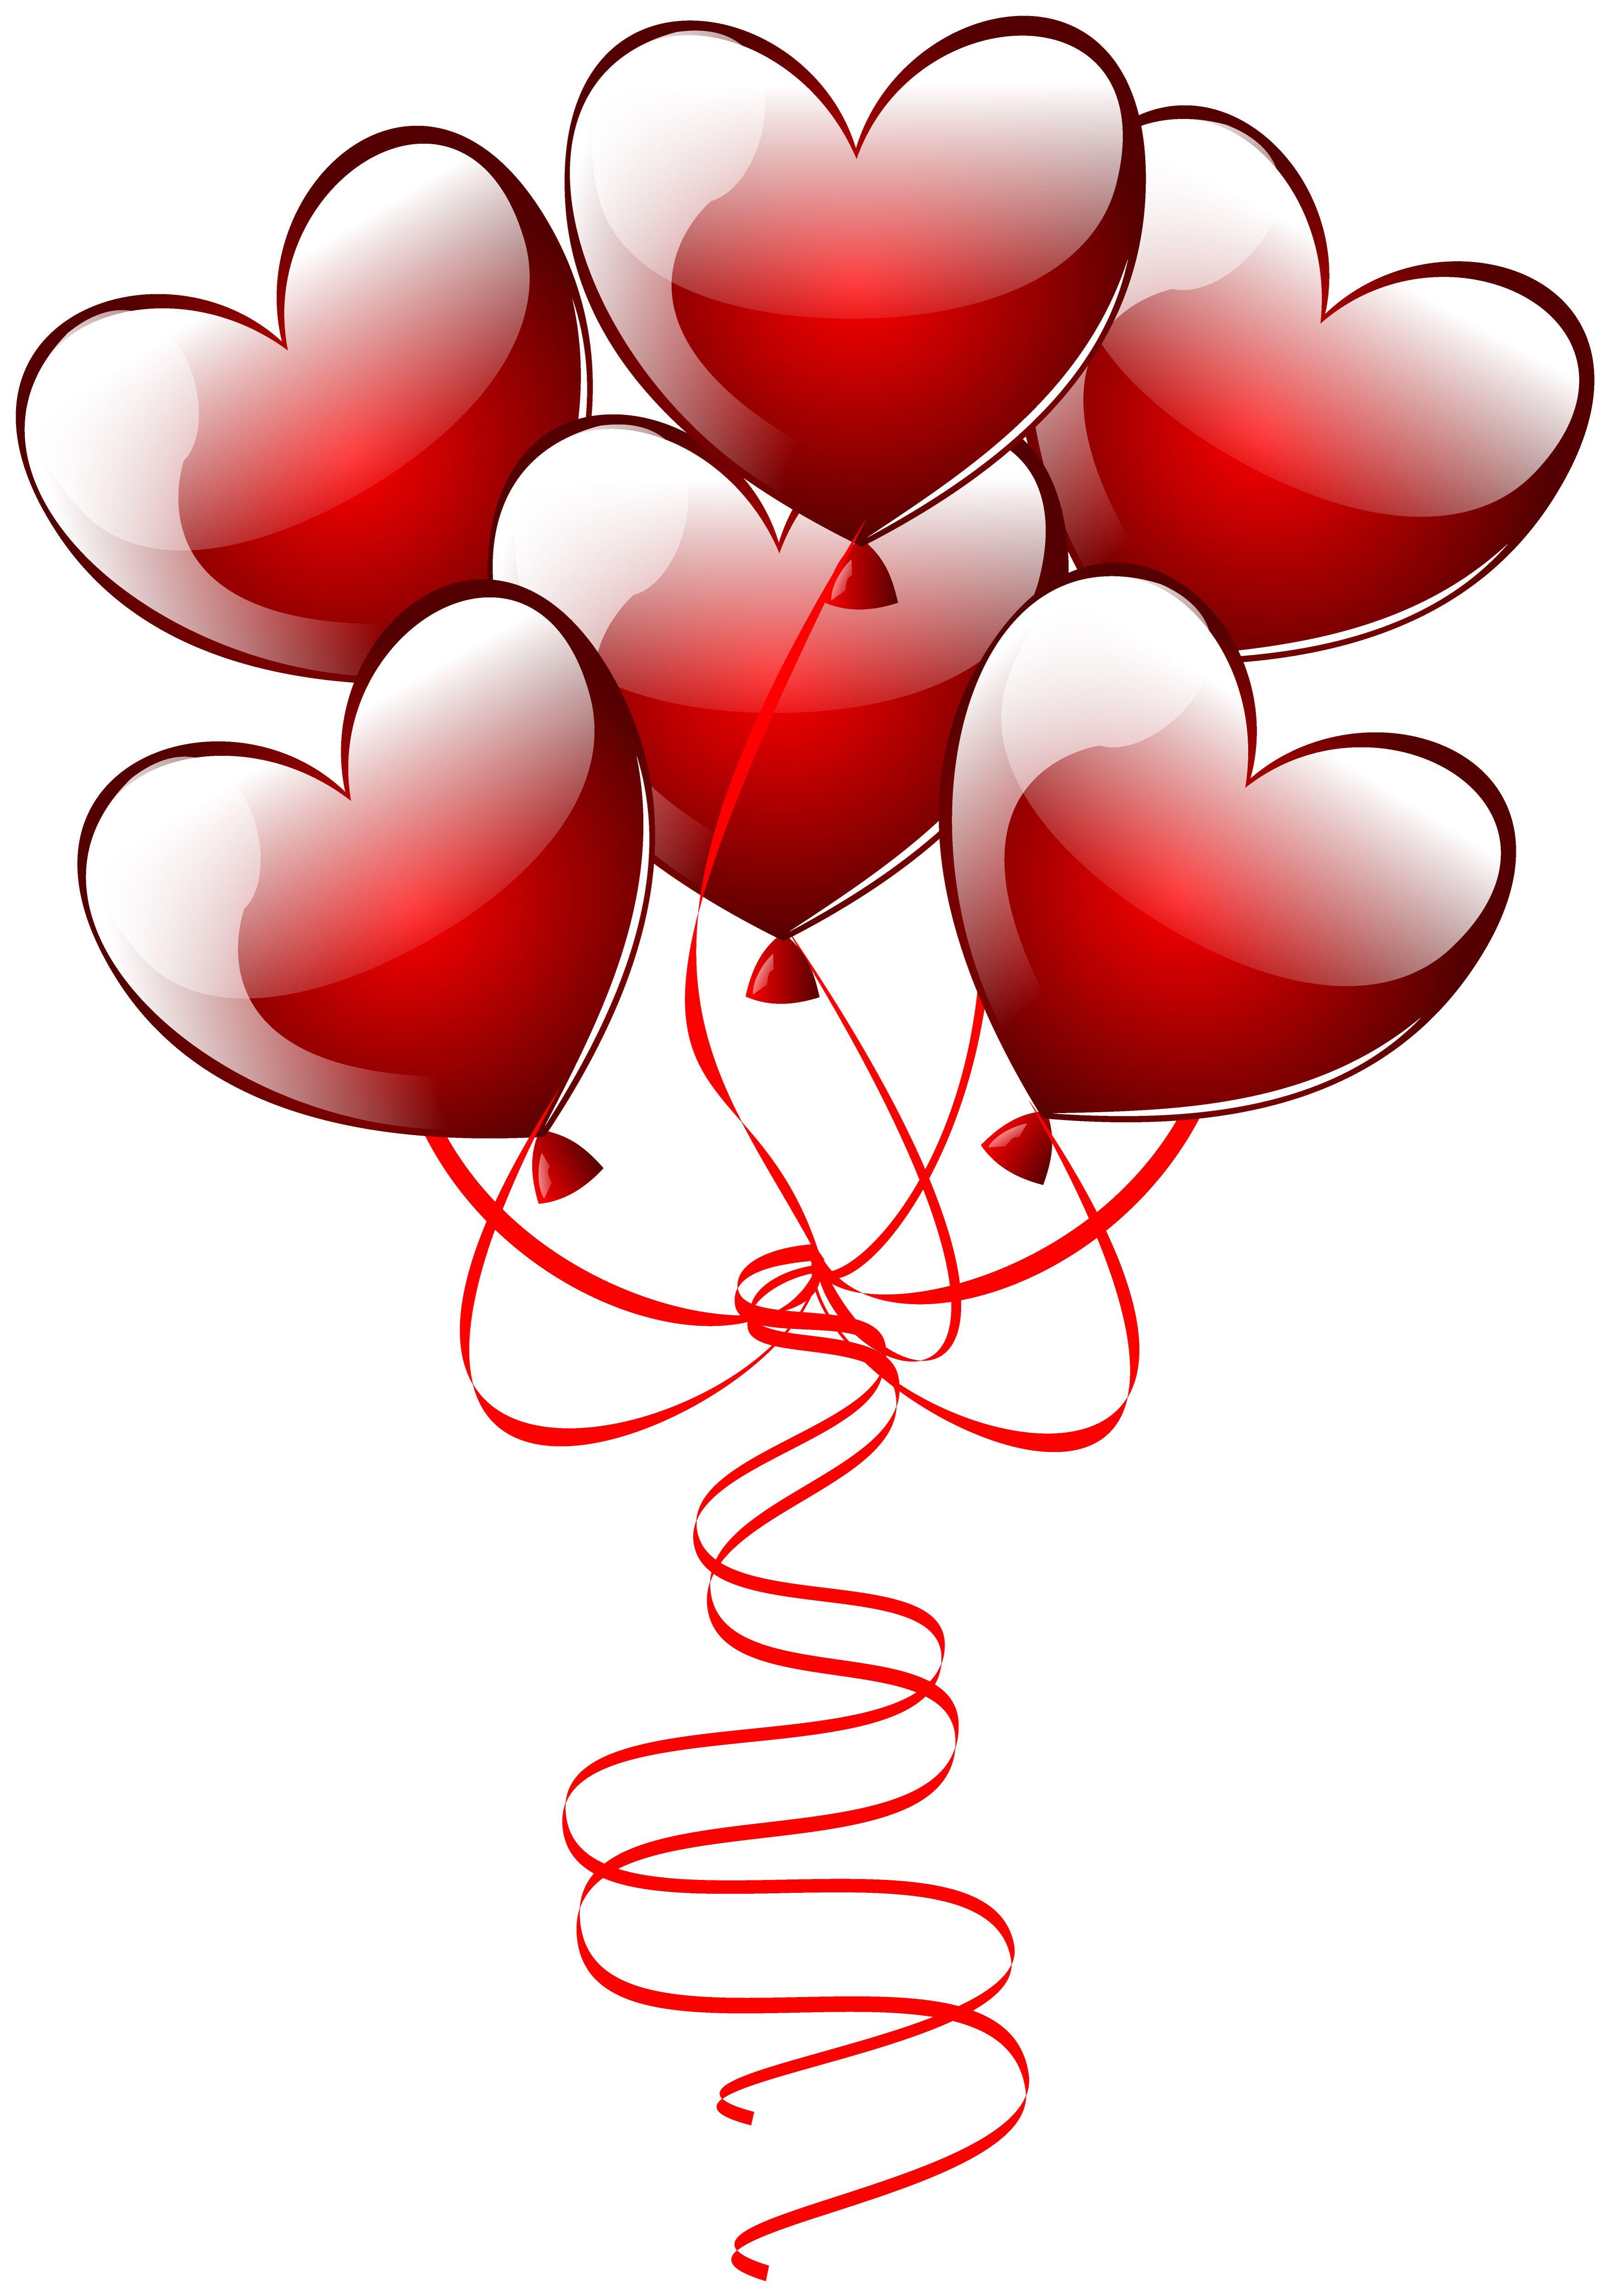 Very very shiny hearts valentine heart images heart